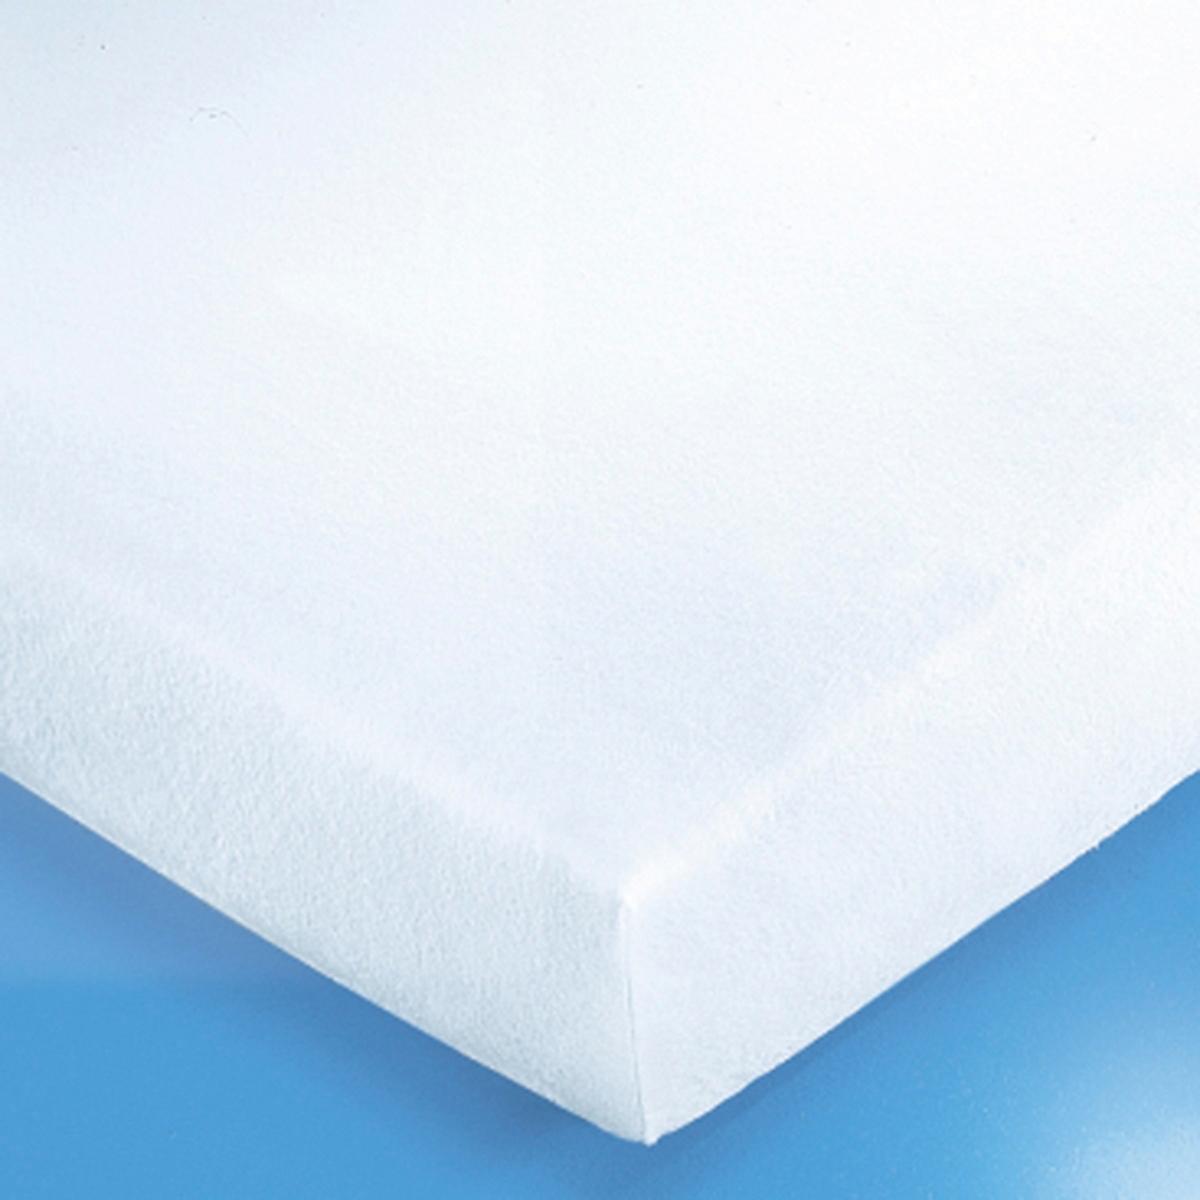 цена на Чехол La Redoute Защитный для матраса флисовый гм 80 x 200 см белый